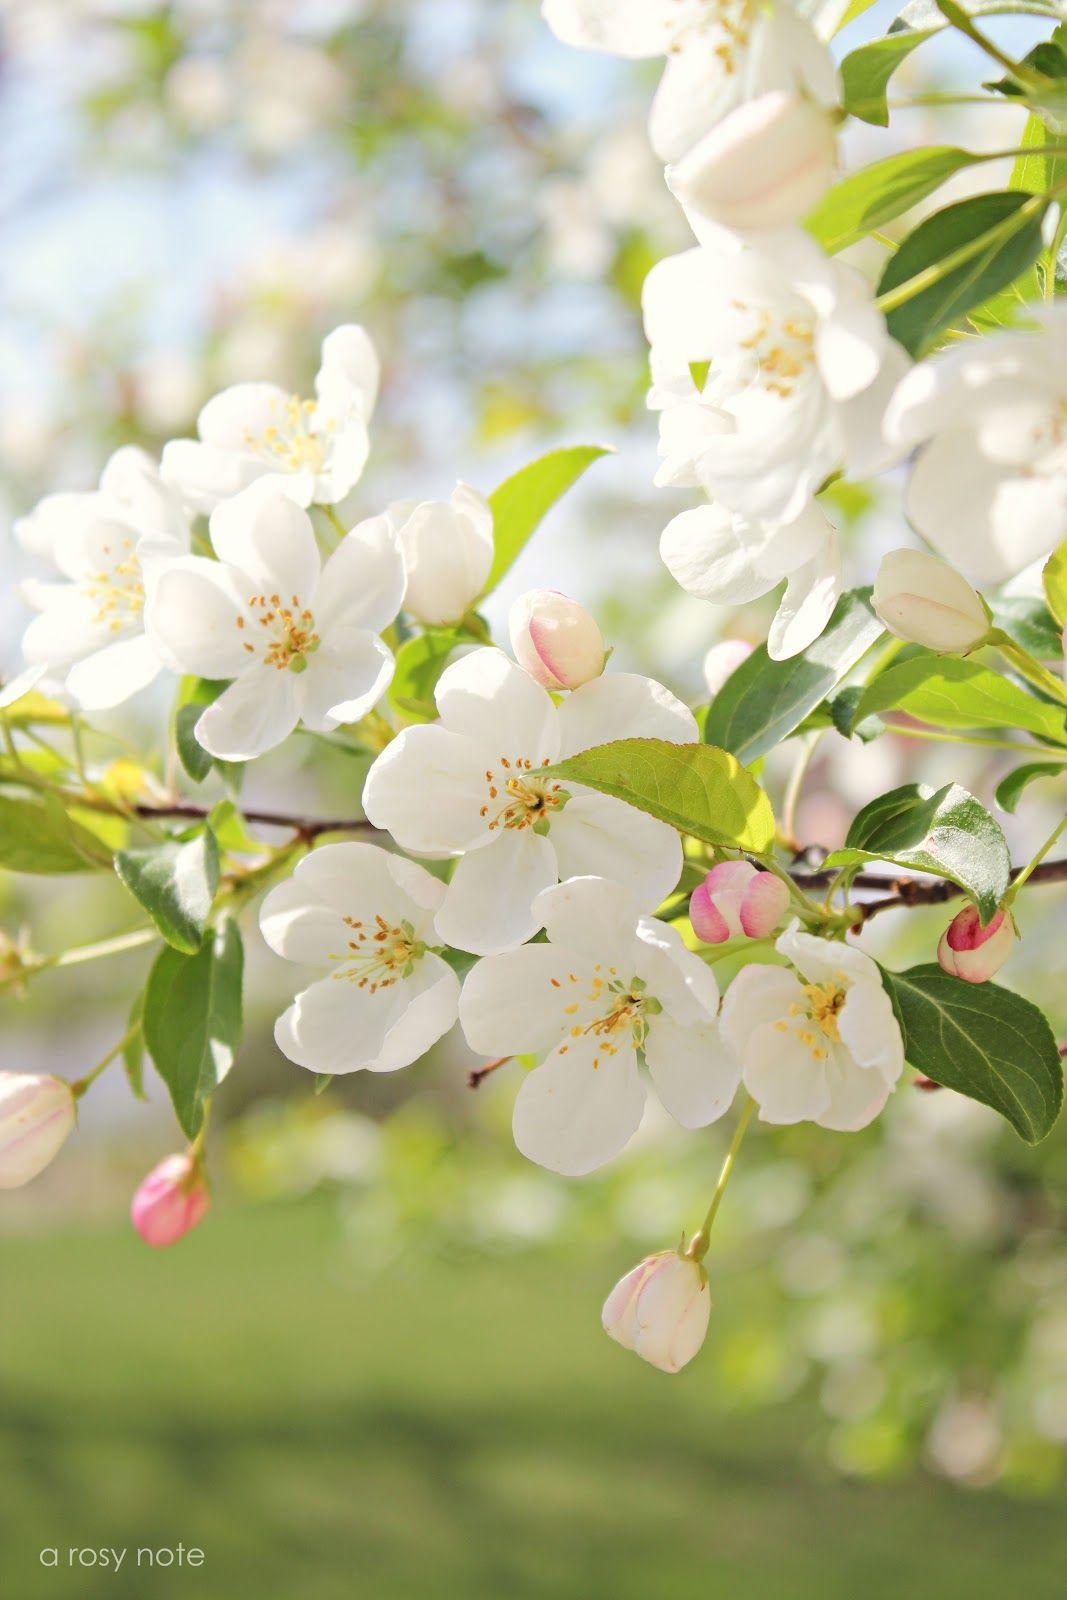 Albero Con Fiori Bianchi gardenofgod:snowdrift crabapple tree, by a rosy note. (con